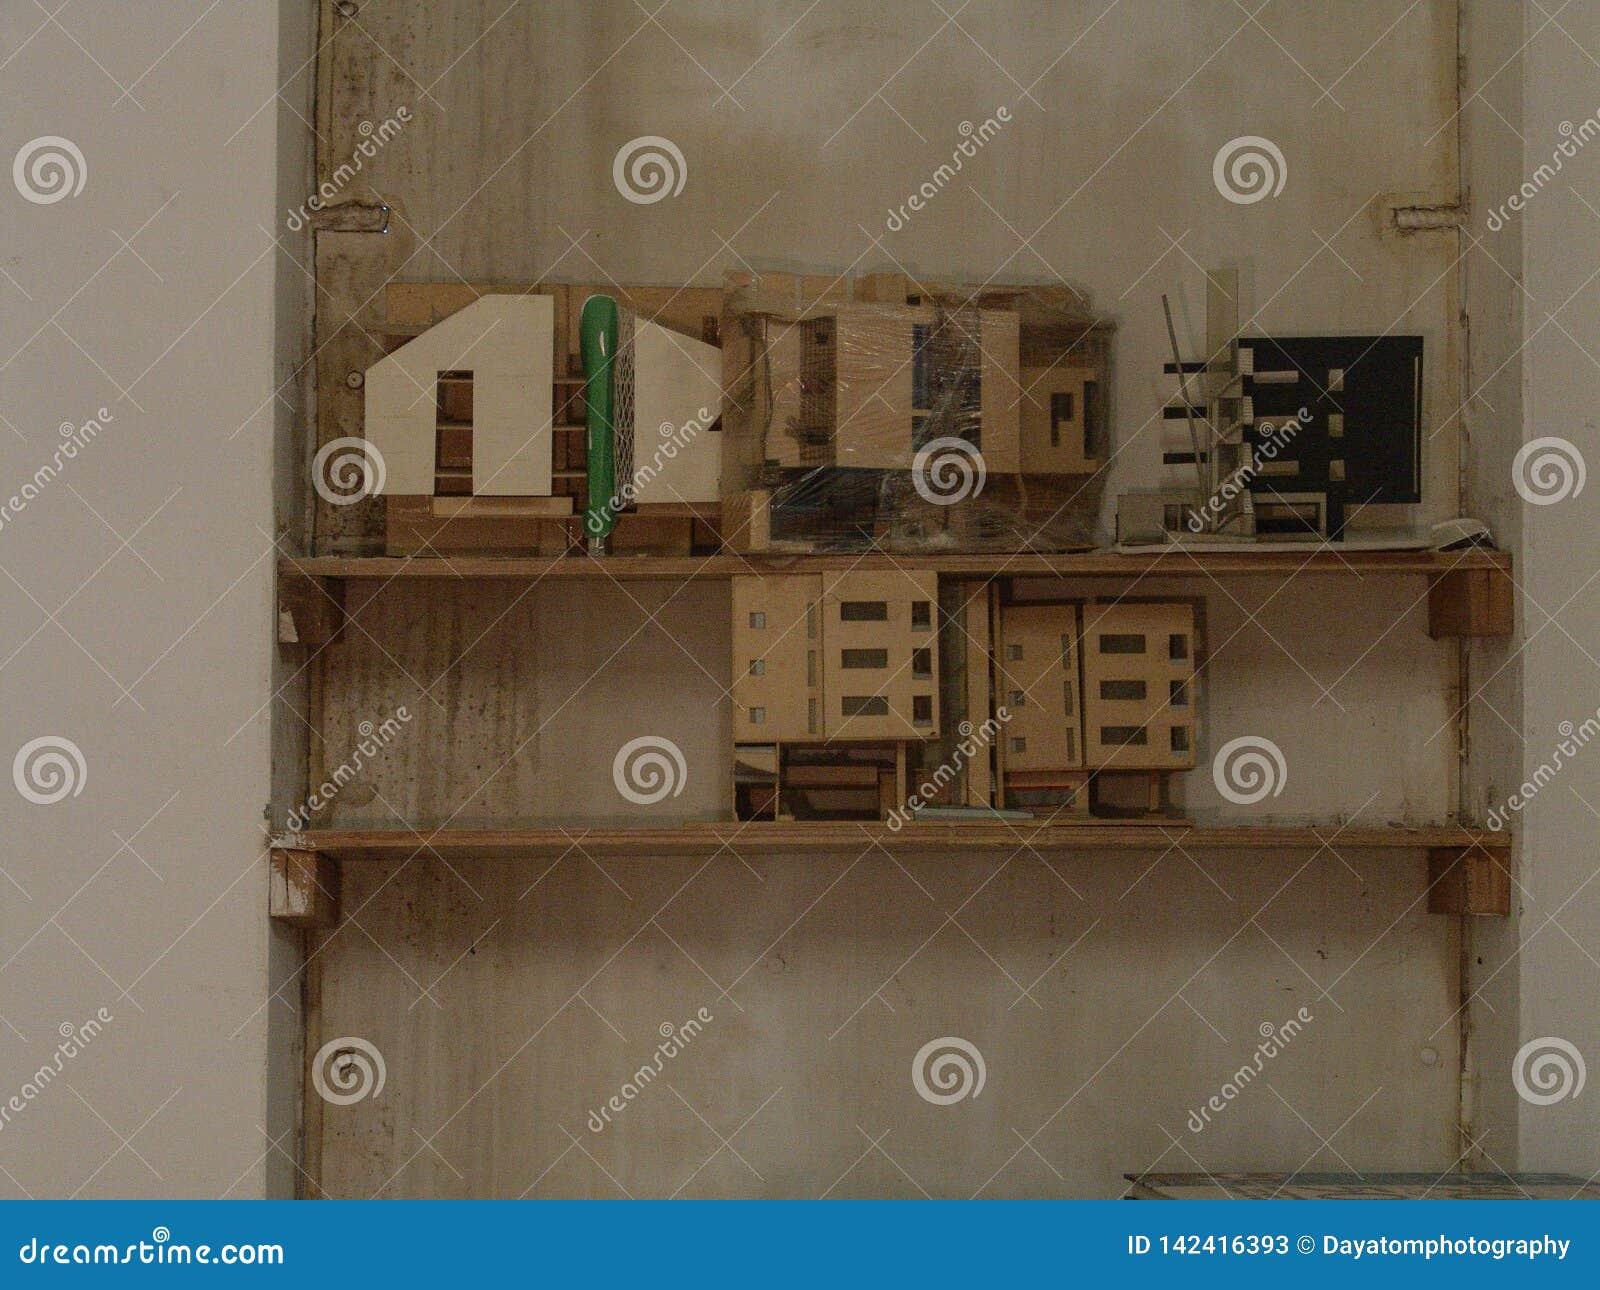 Miniatyrträbyggnader på skärm på en trähylla mot en vägg